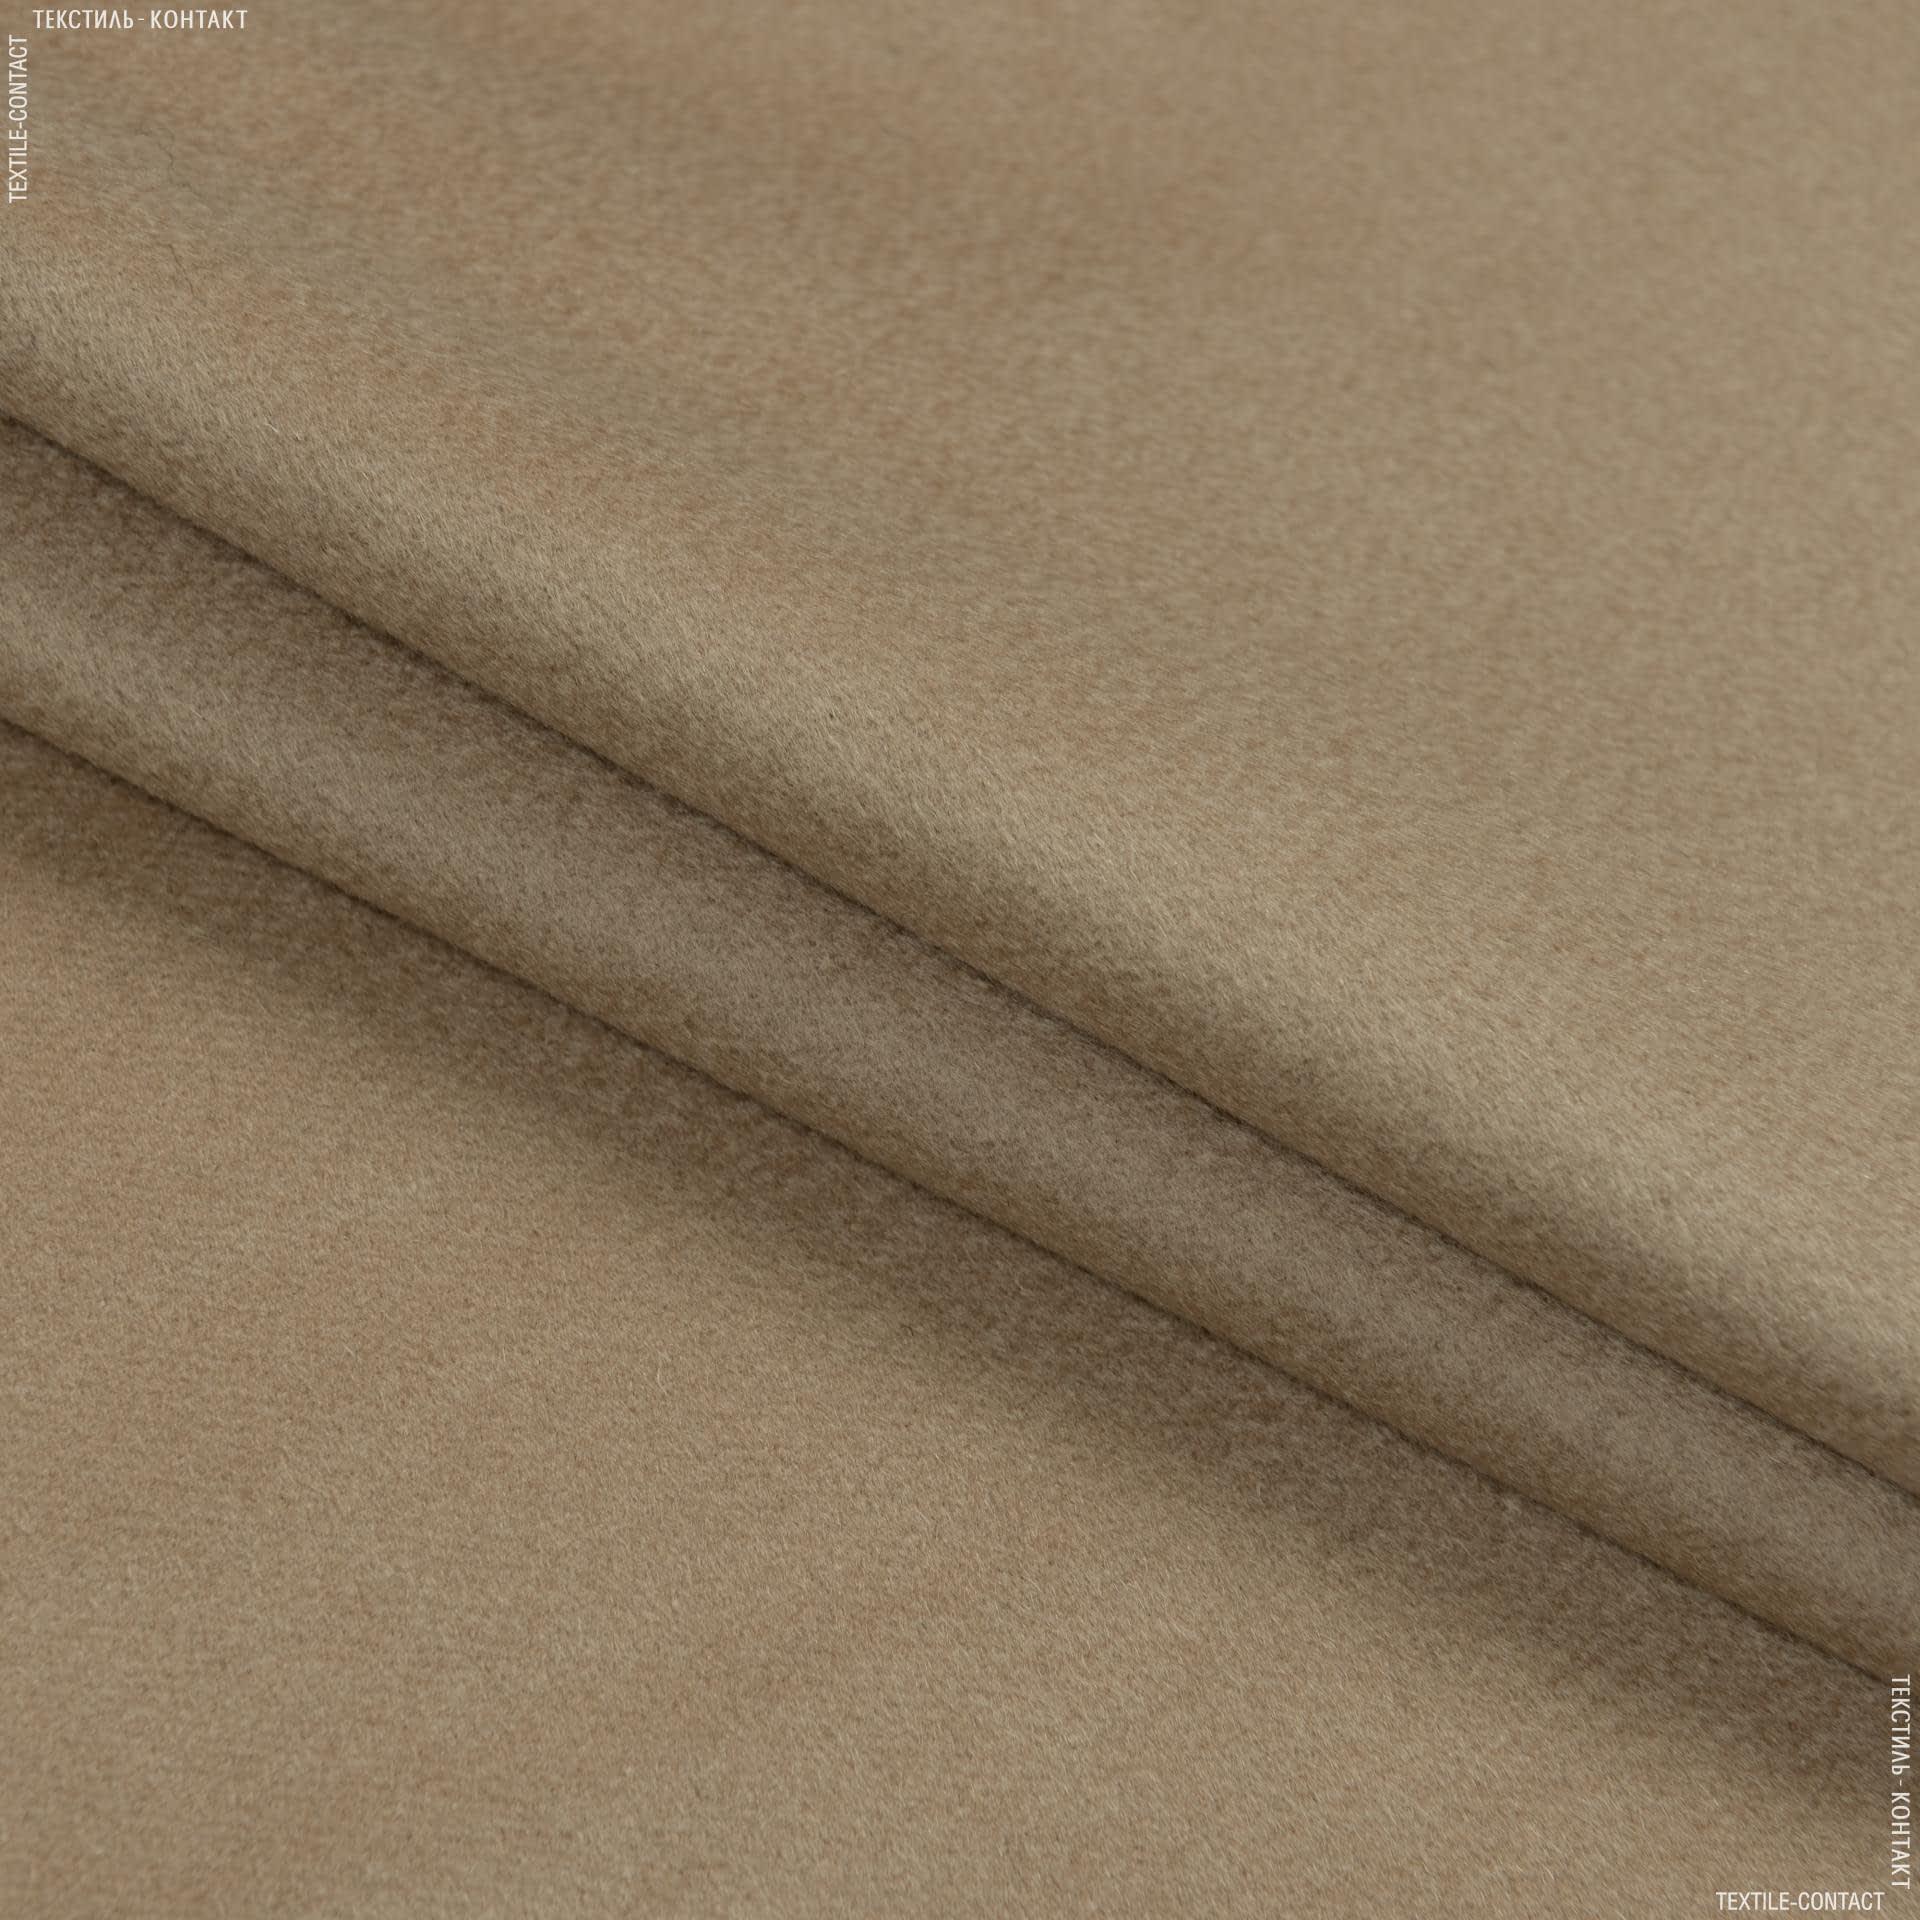 Ткани для верхней одежды - Пальтовая лоден  кэмел